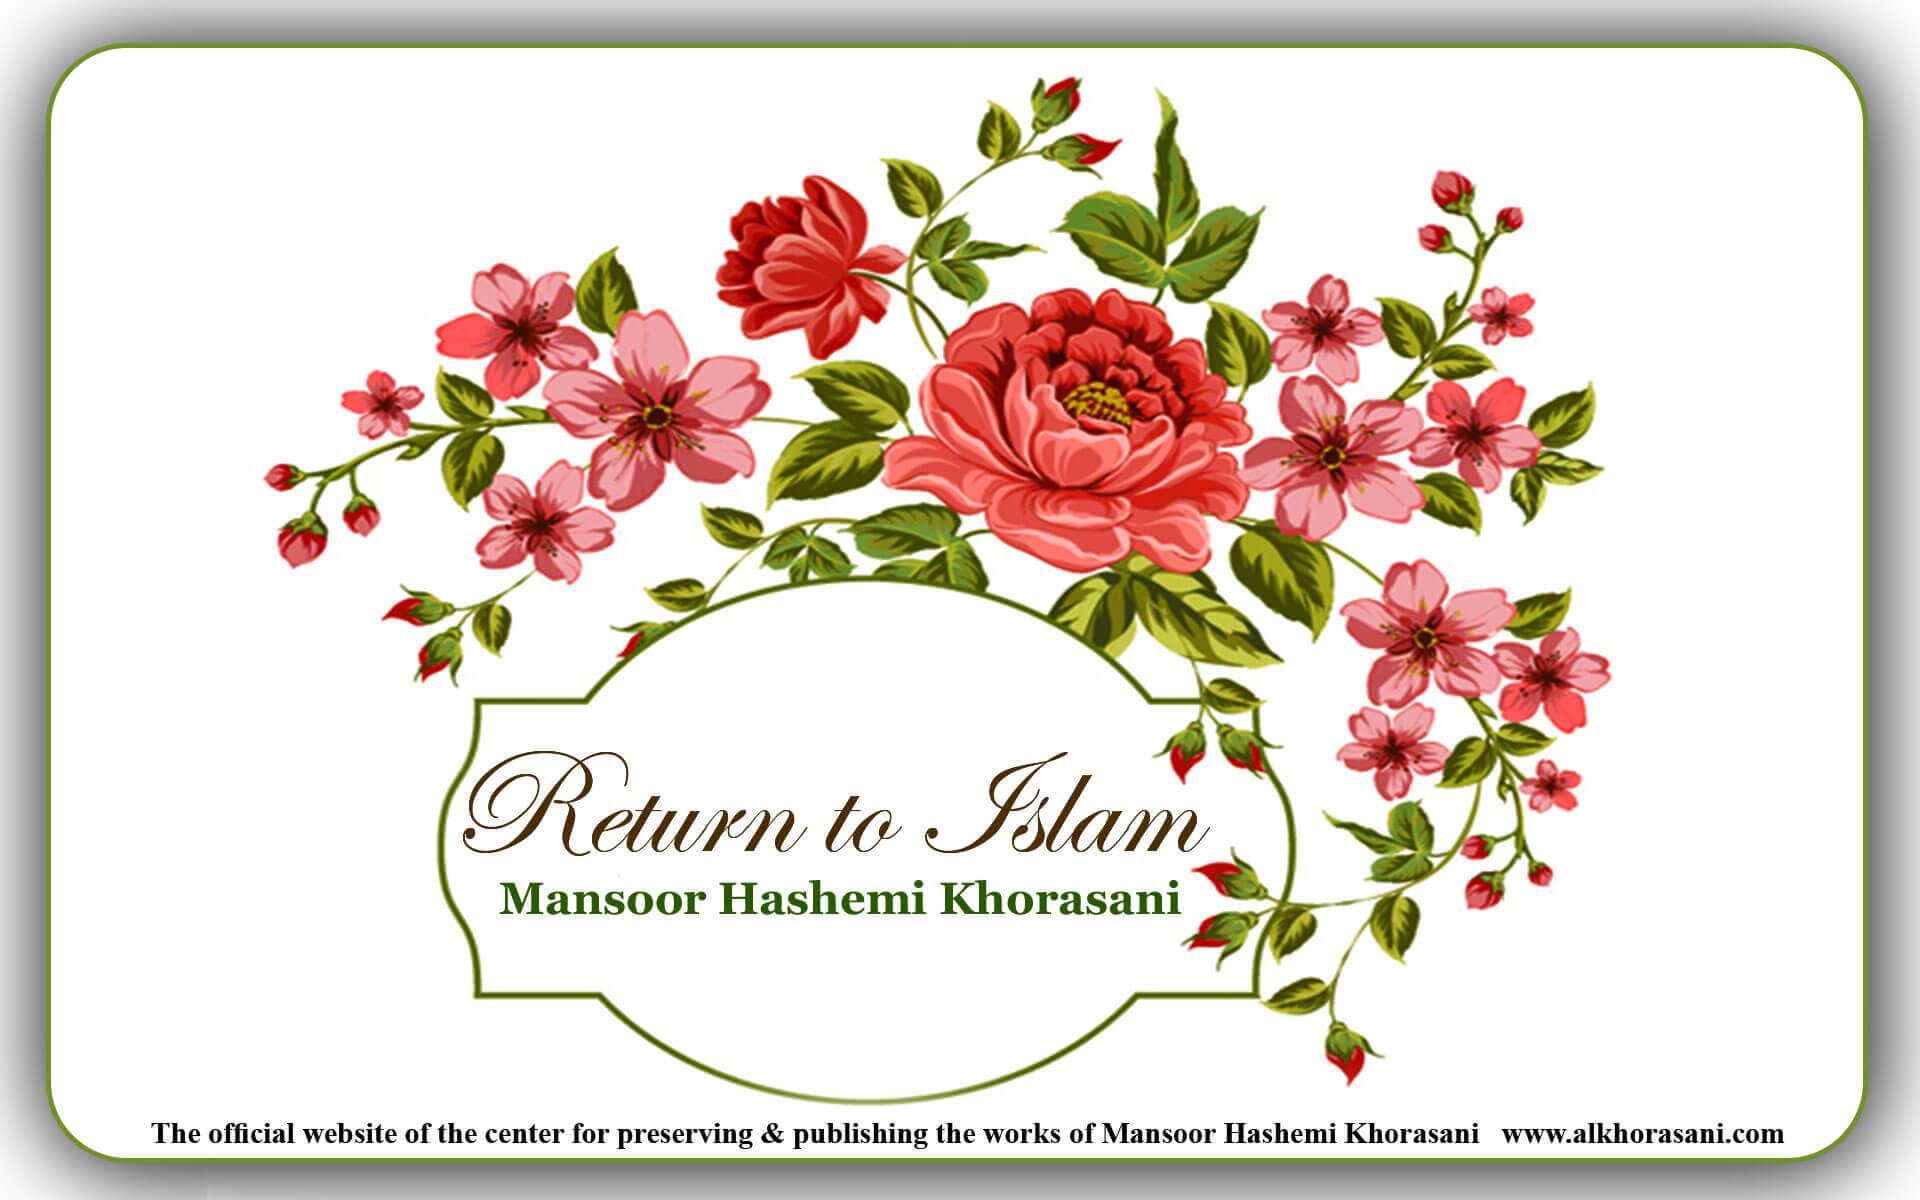 Return to Islam by Mansoor Hashemi Khorasani (5)